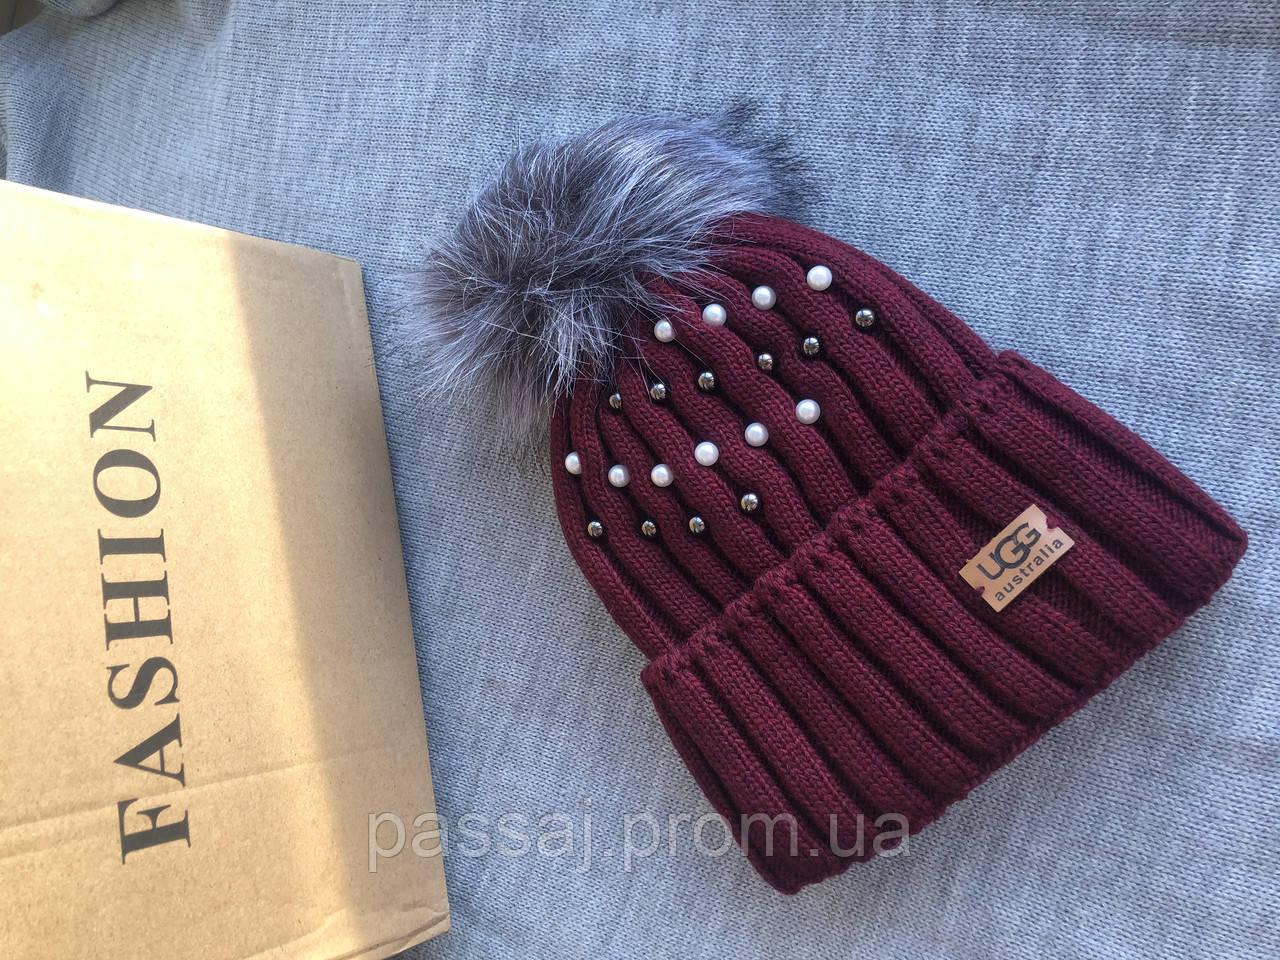 Бордовая шапка перламутр на флисовой подкладке теплая с помпоном